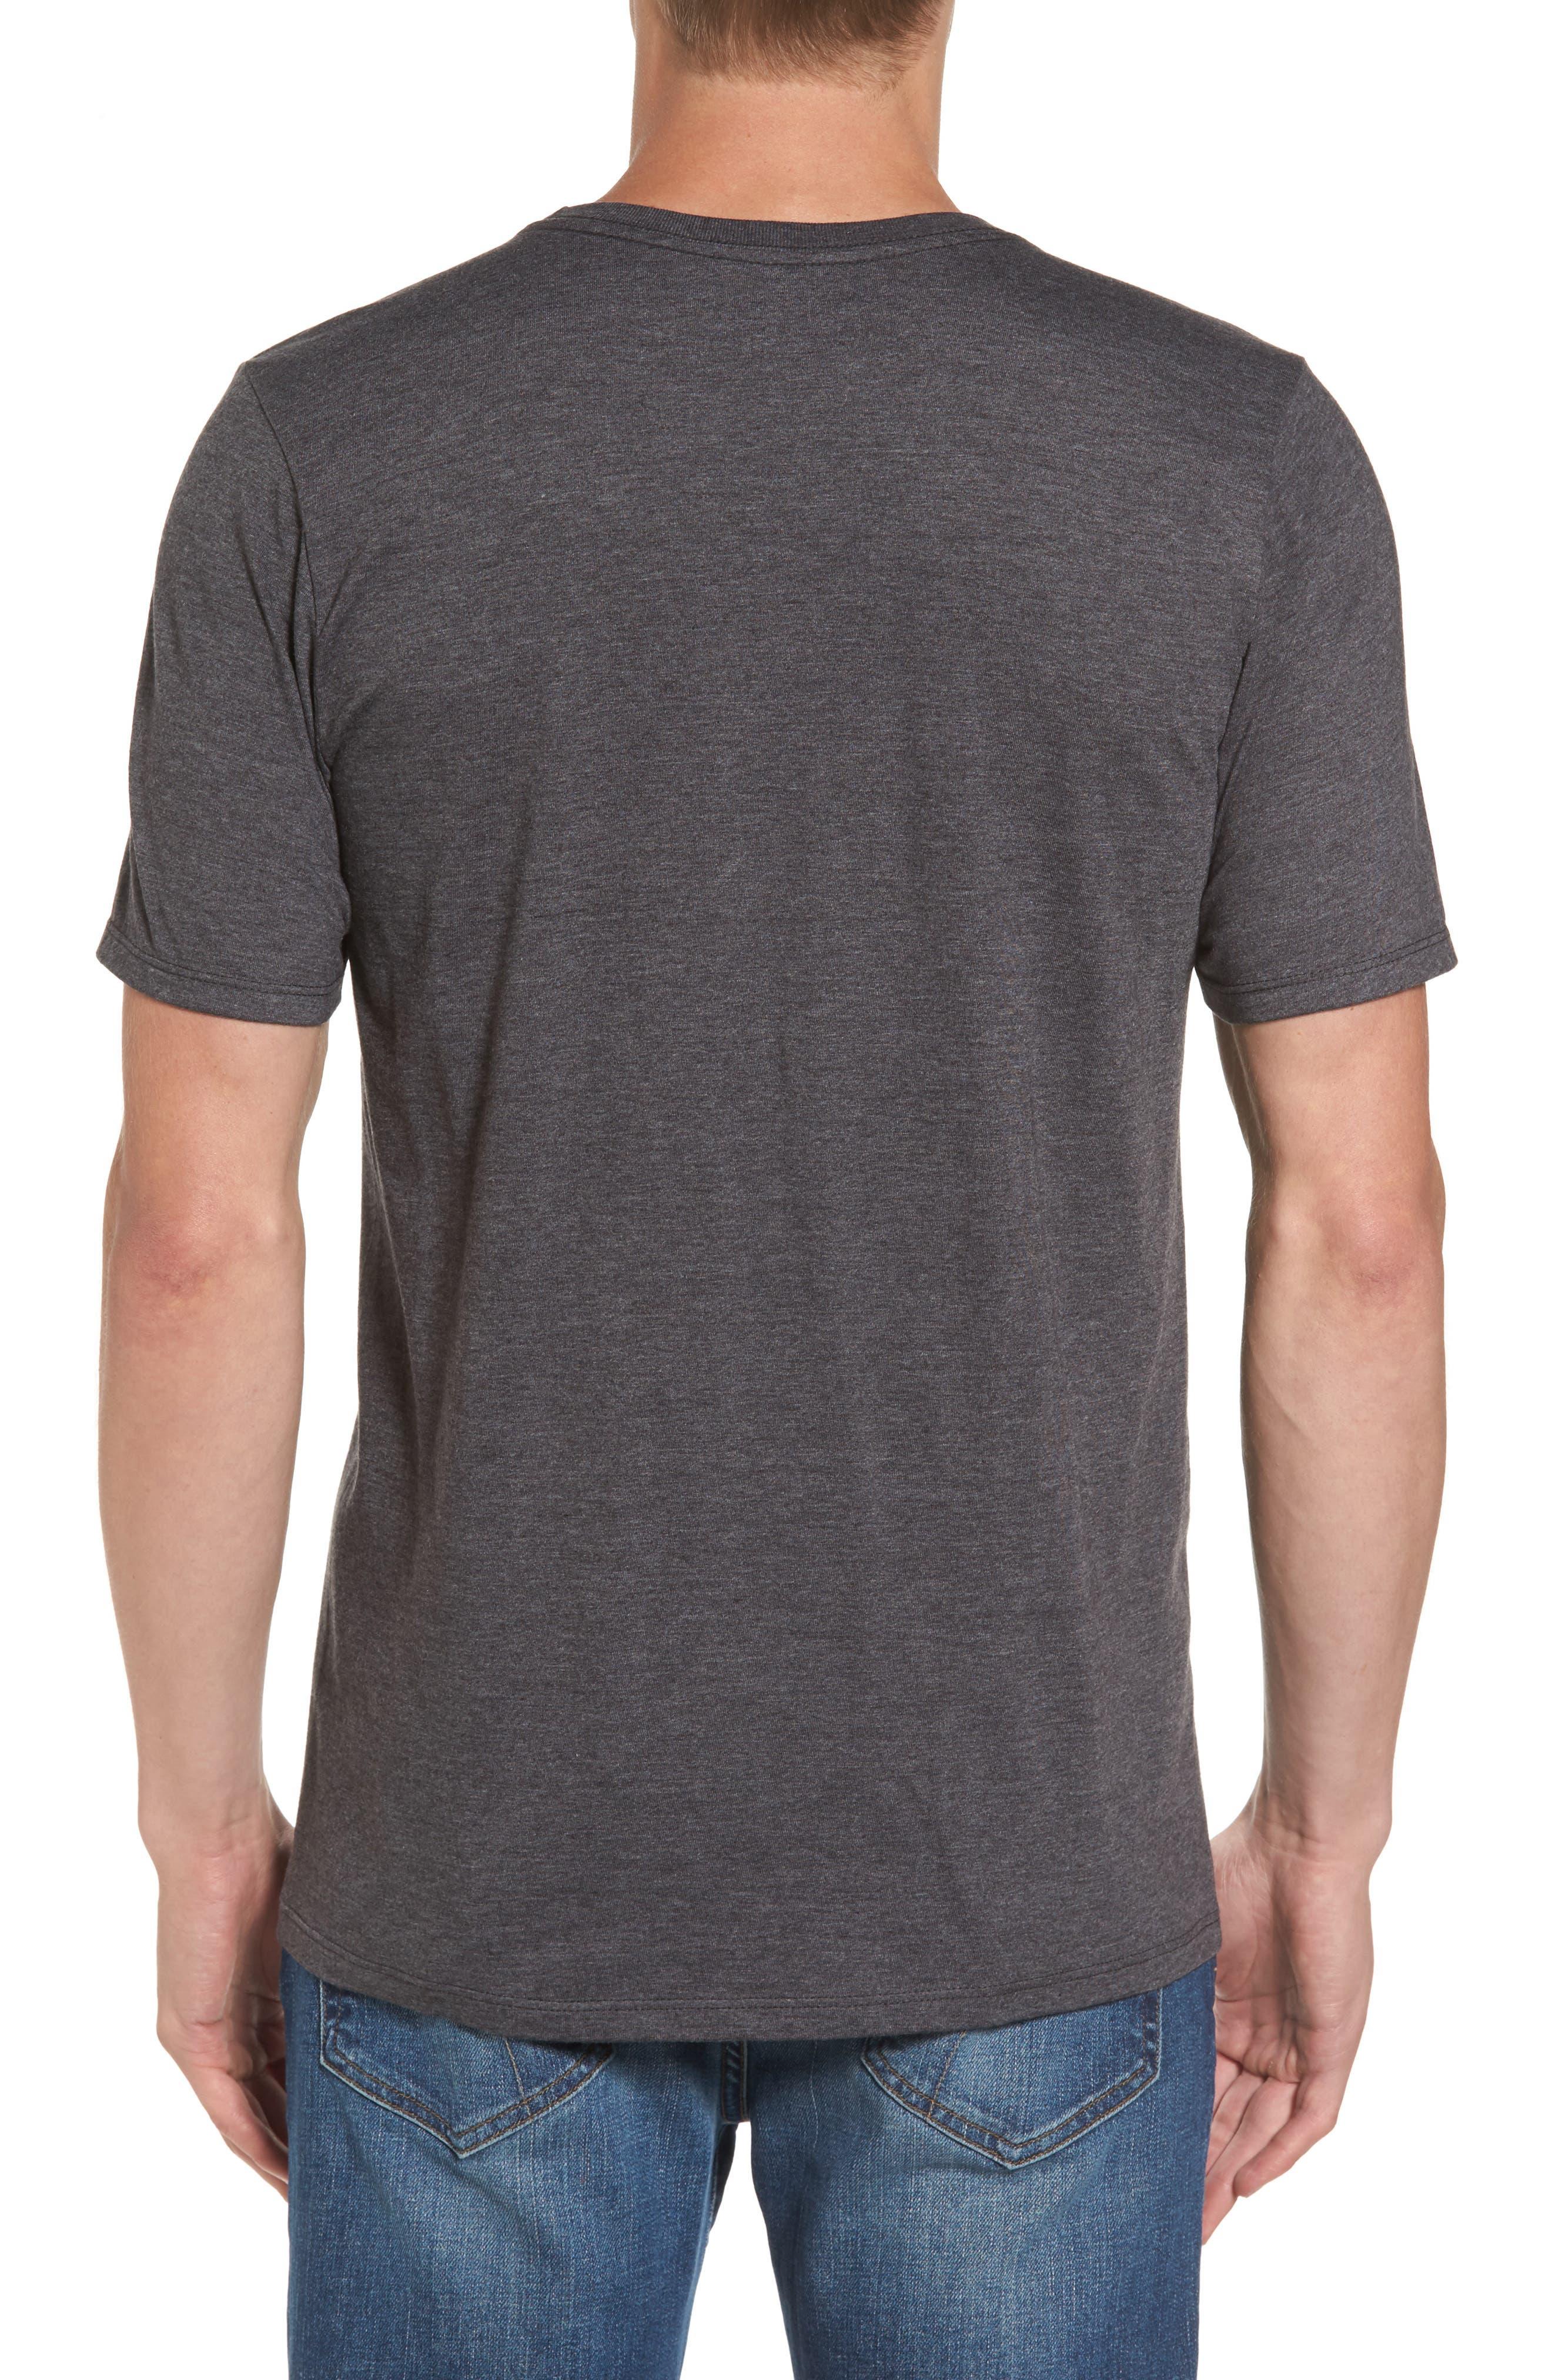 Las Olas T-Shirt,                             Alternate thumbnail 2, color,                             Black